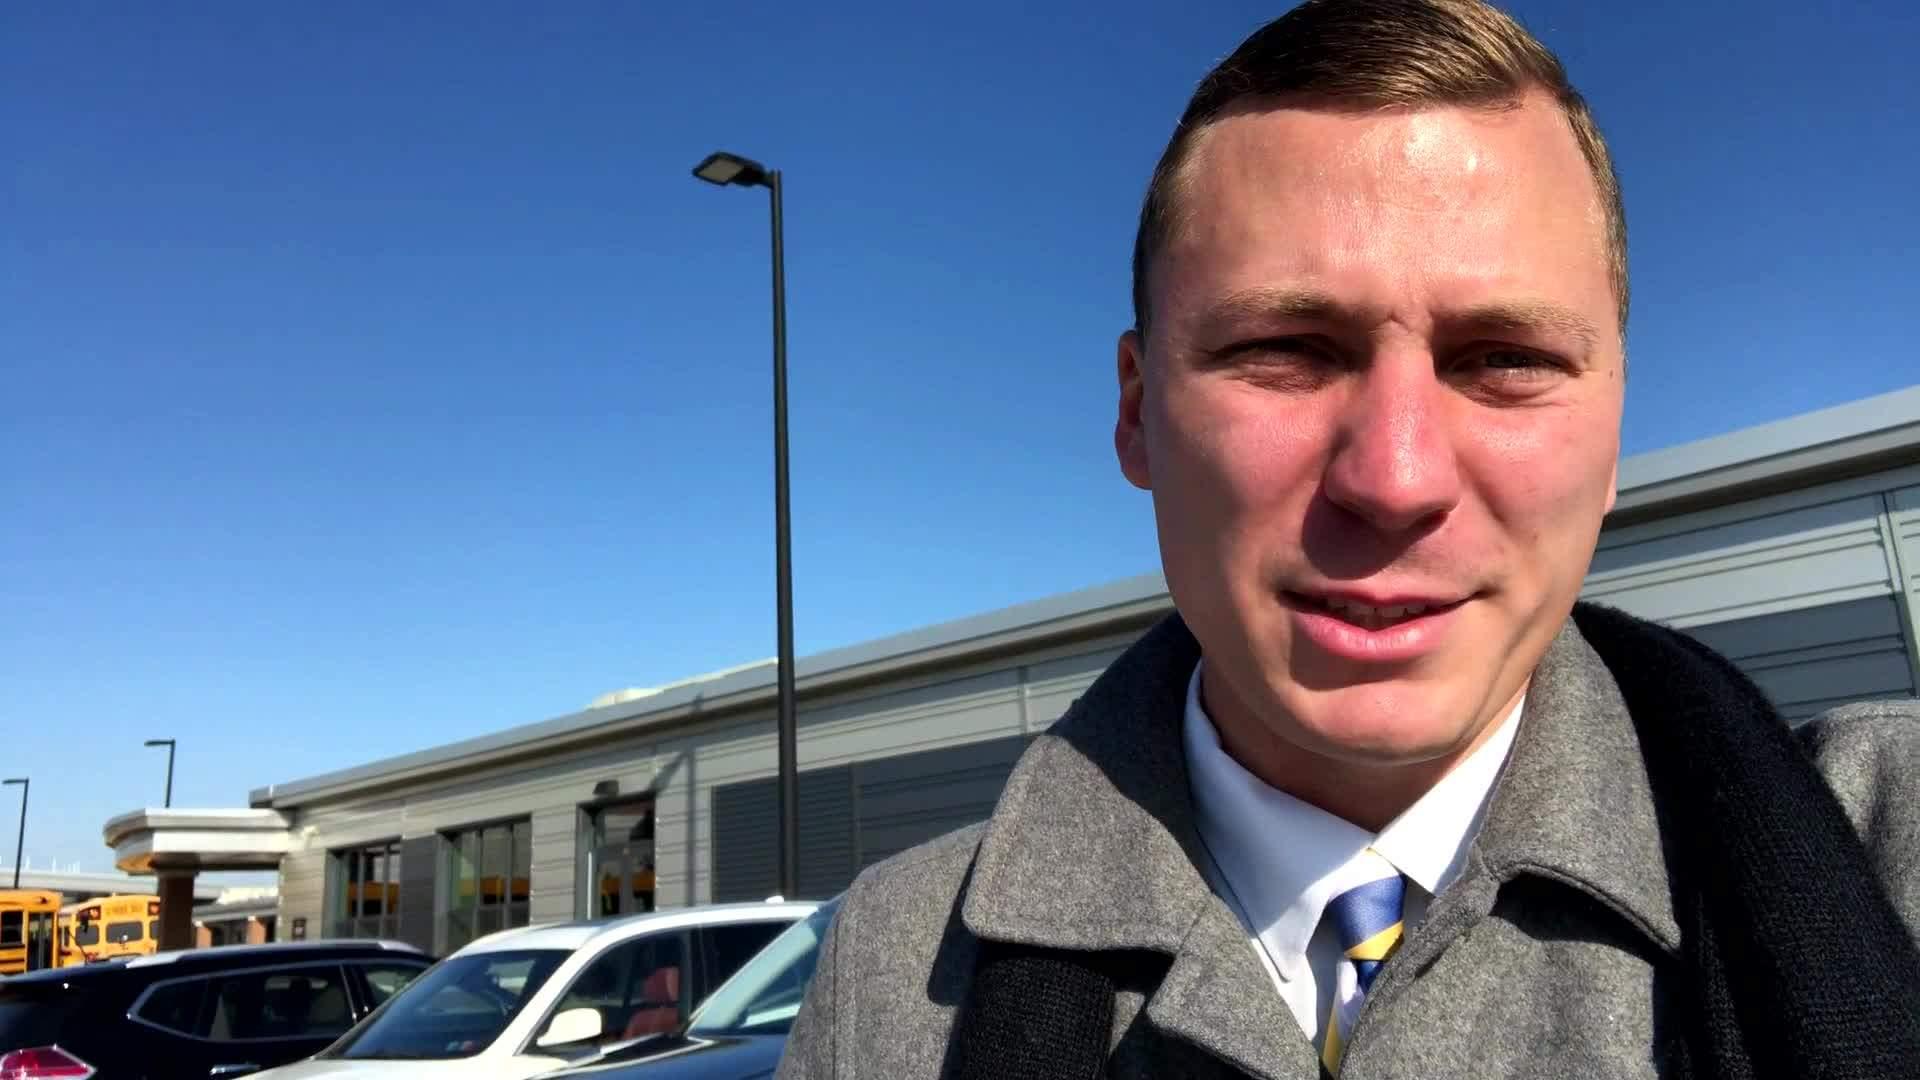 Chris Hoffman - Reporter Update: McKees Rocks Mayor Makes